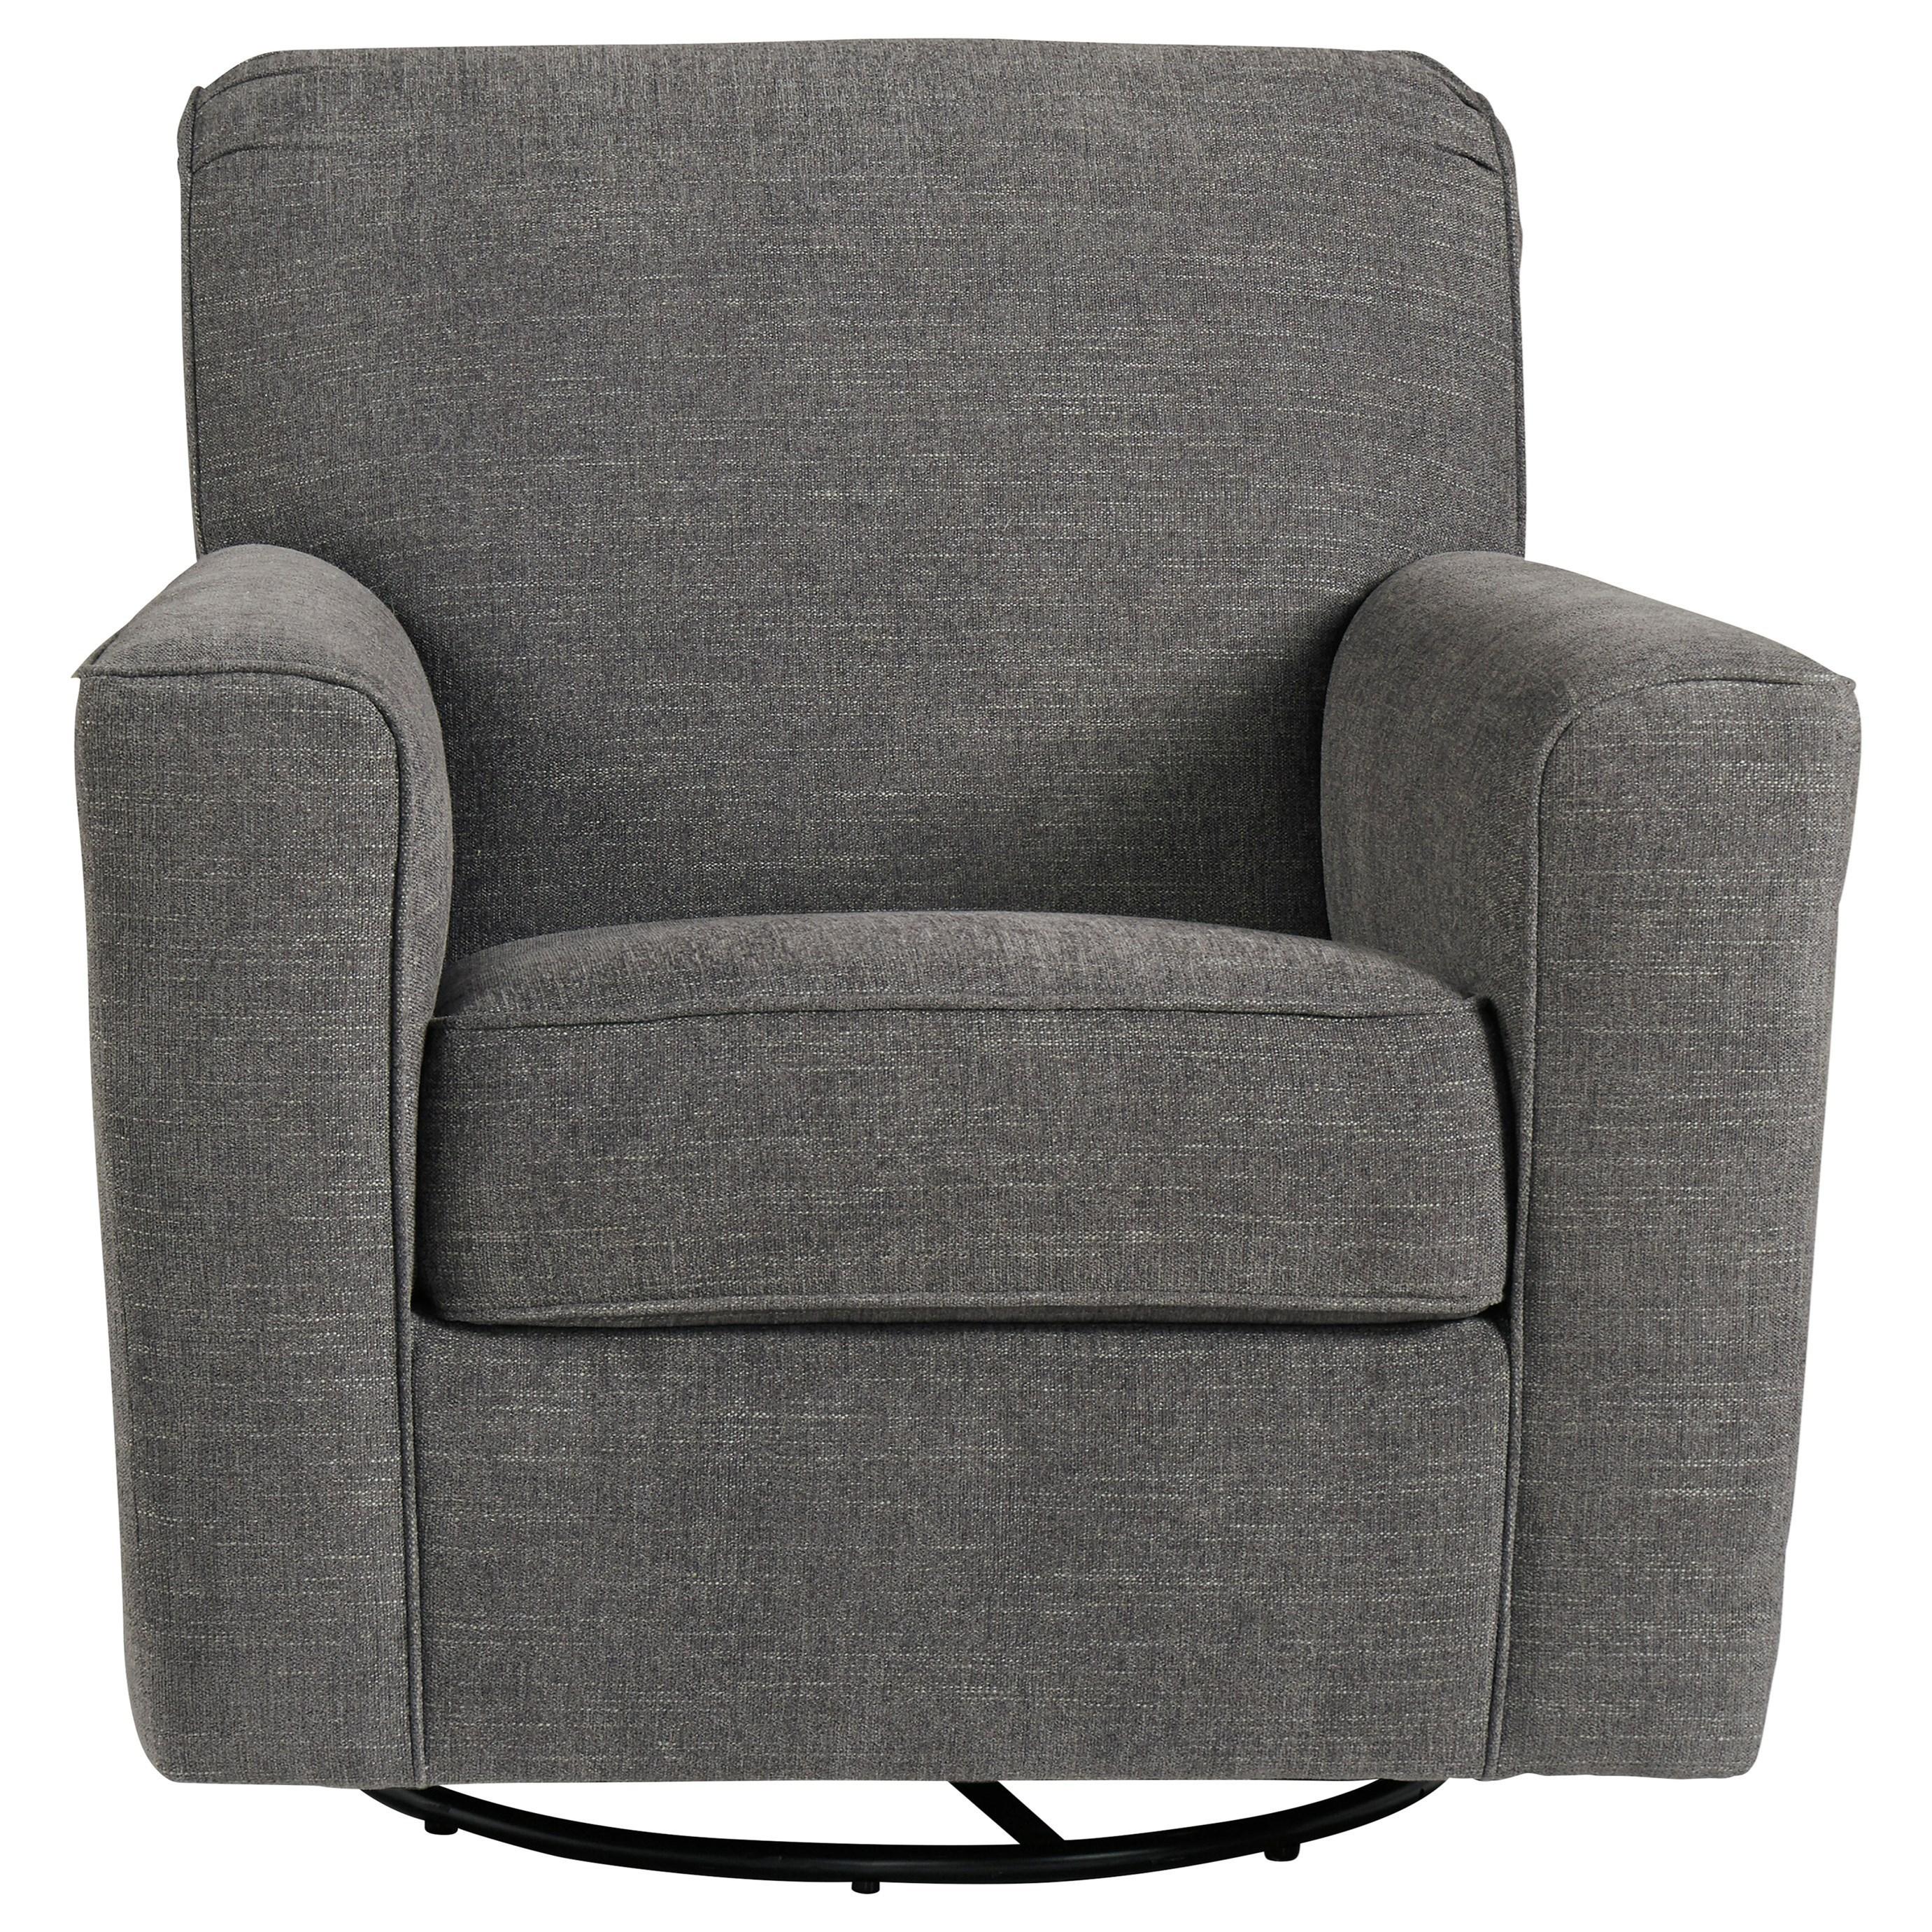 Alcona Swivel Glider Accent Chair